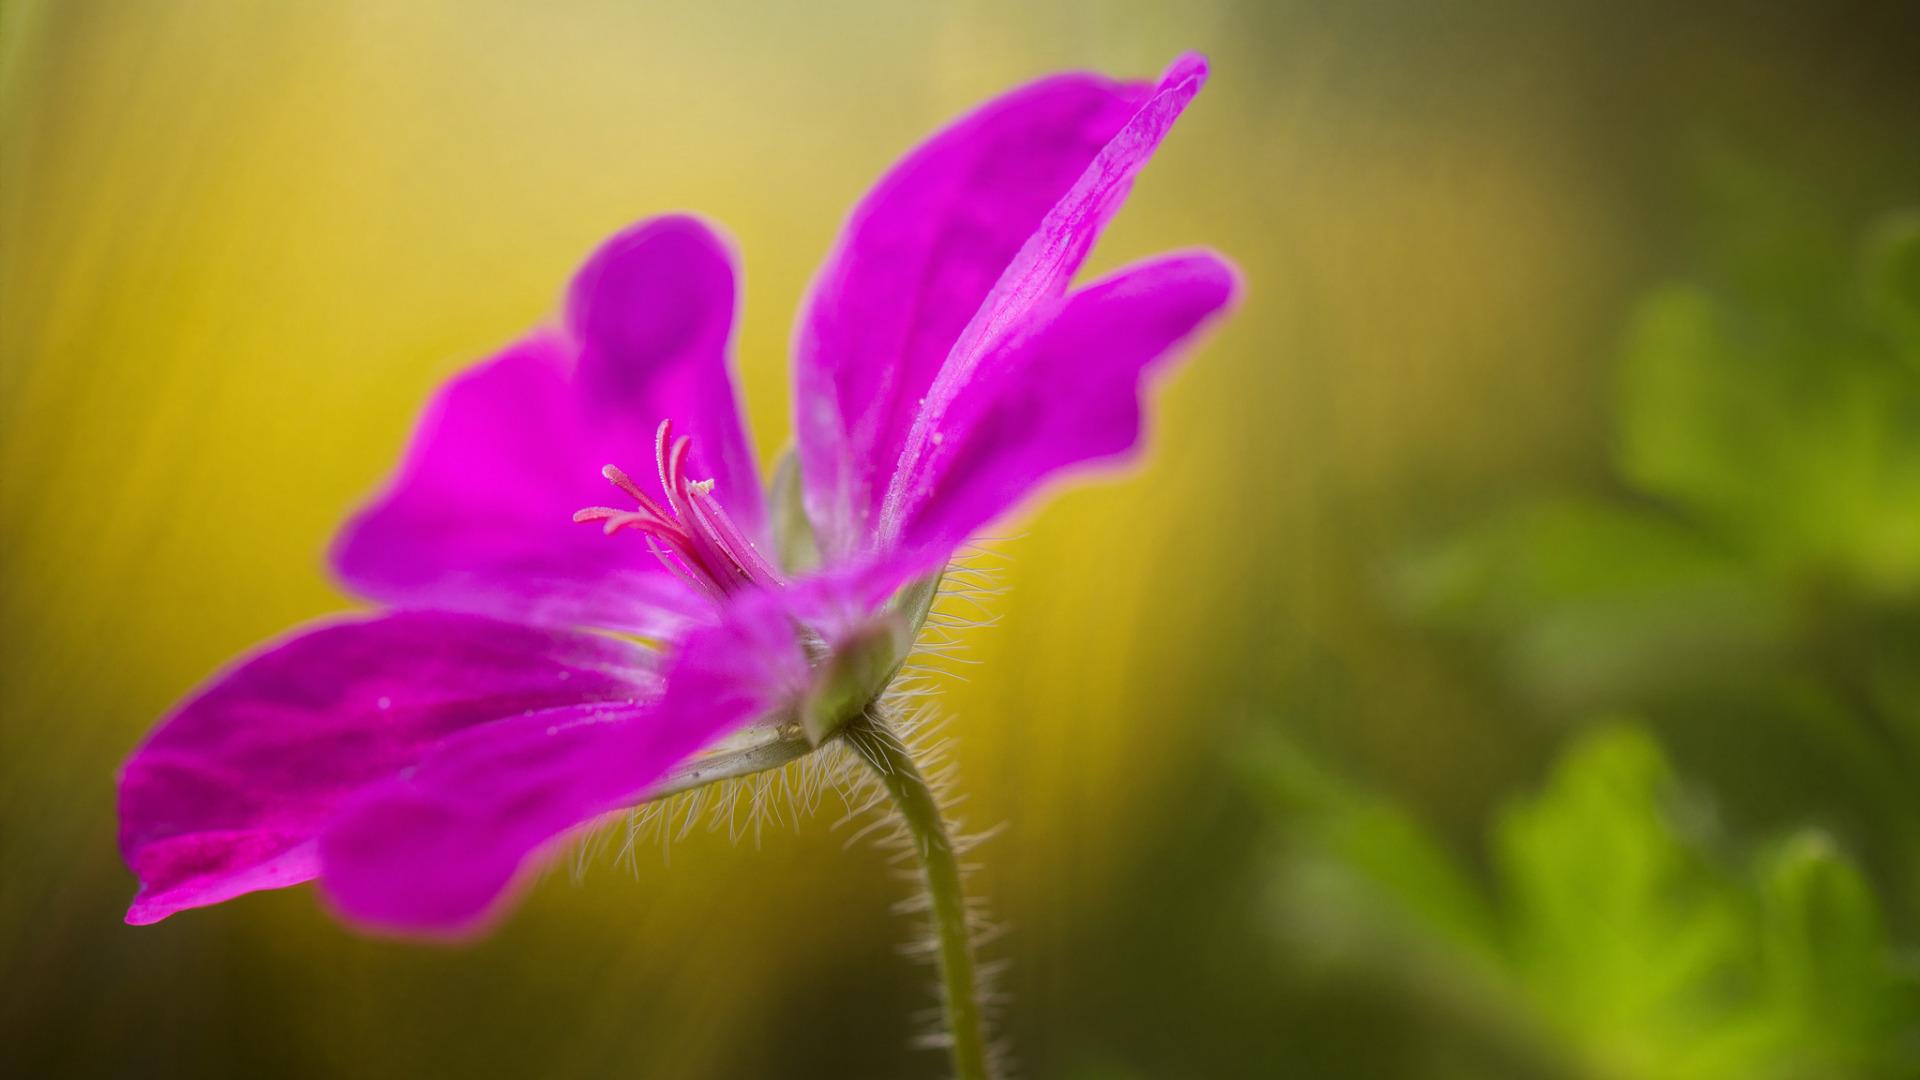 цветы макро розовые  № 1347201 загрузить